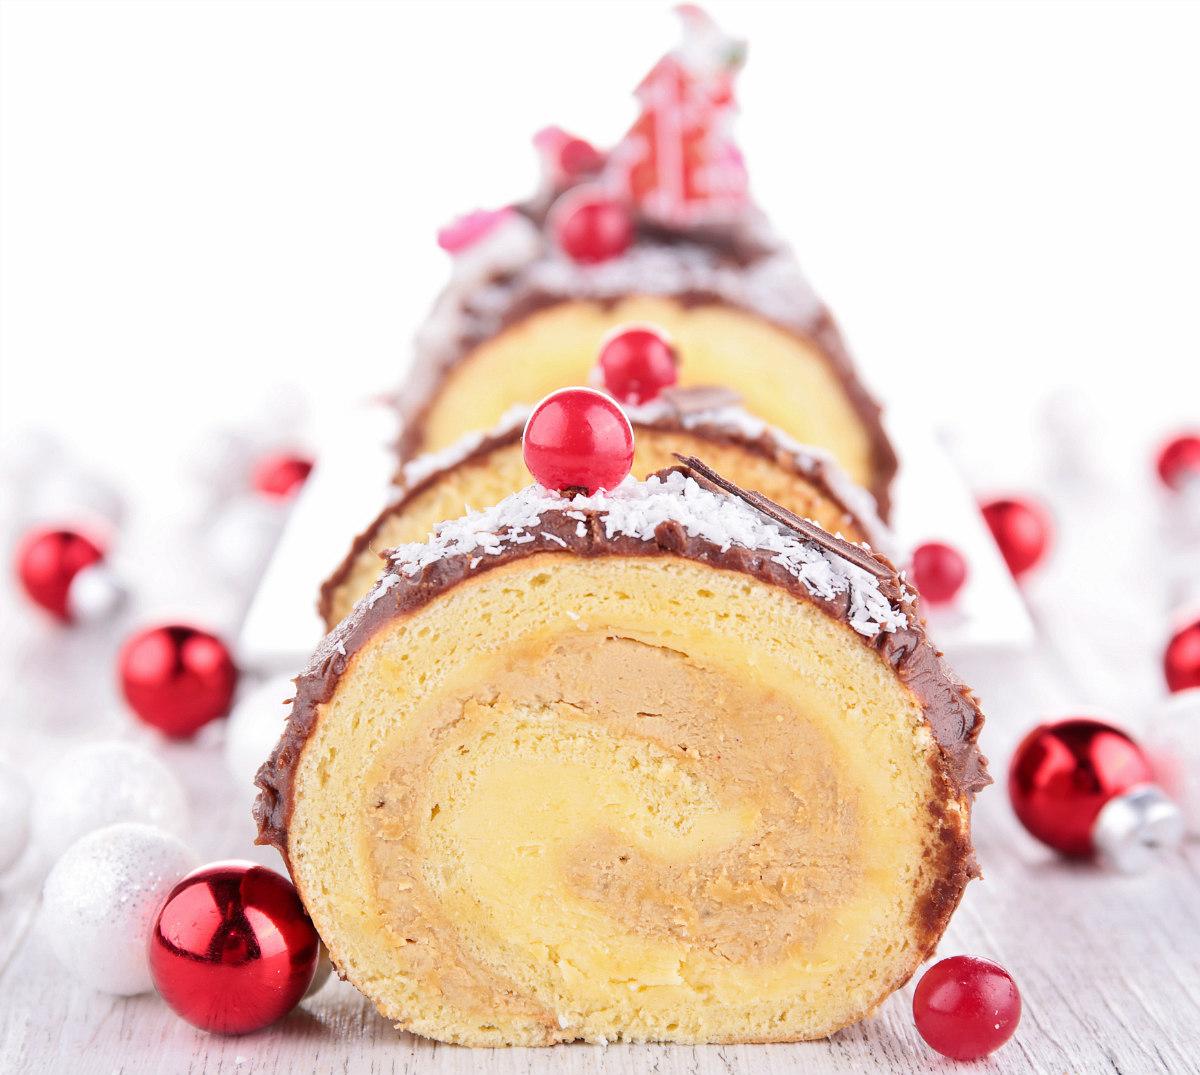 Só meia azevia? A dose certa de doces de Natal que deve ingerir